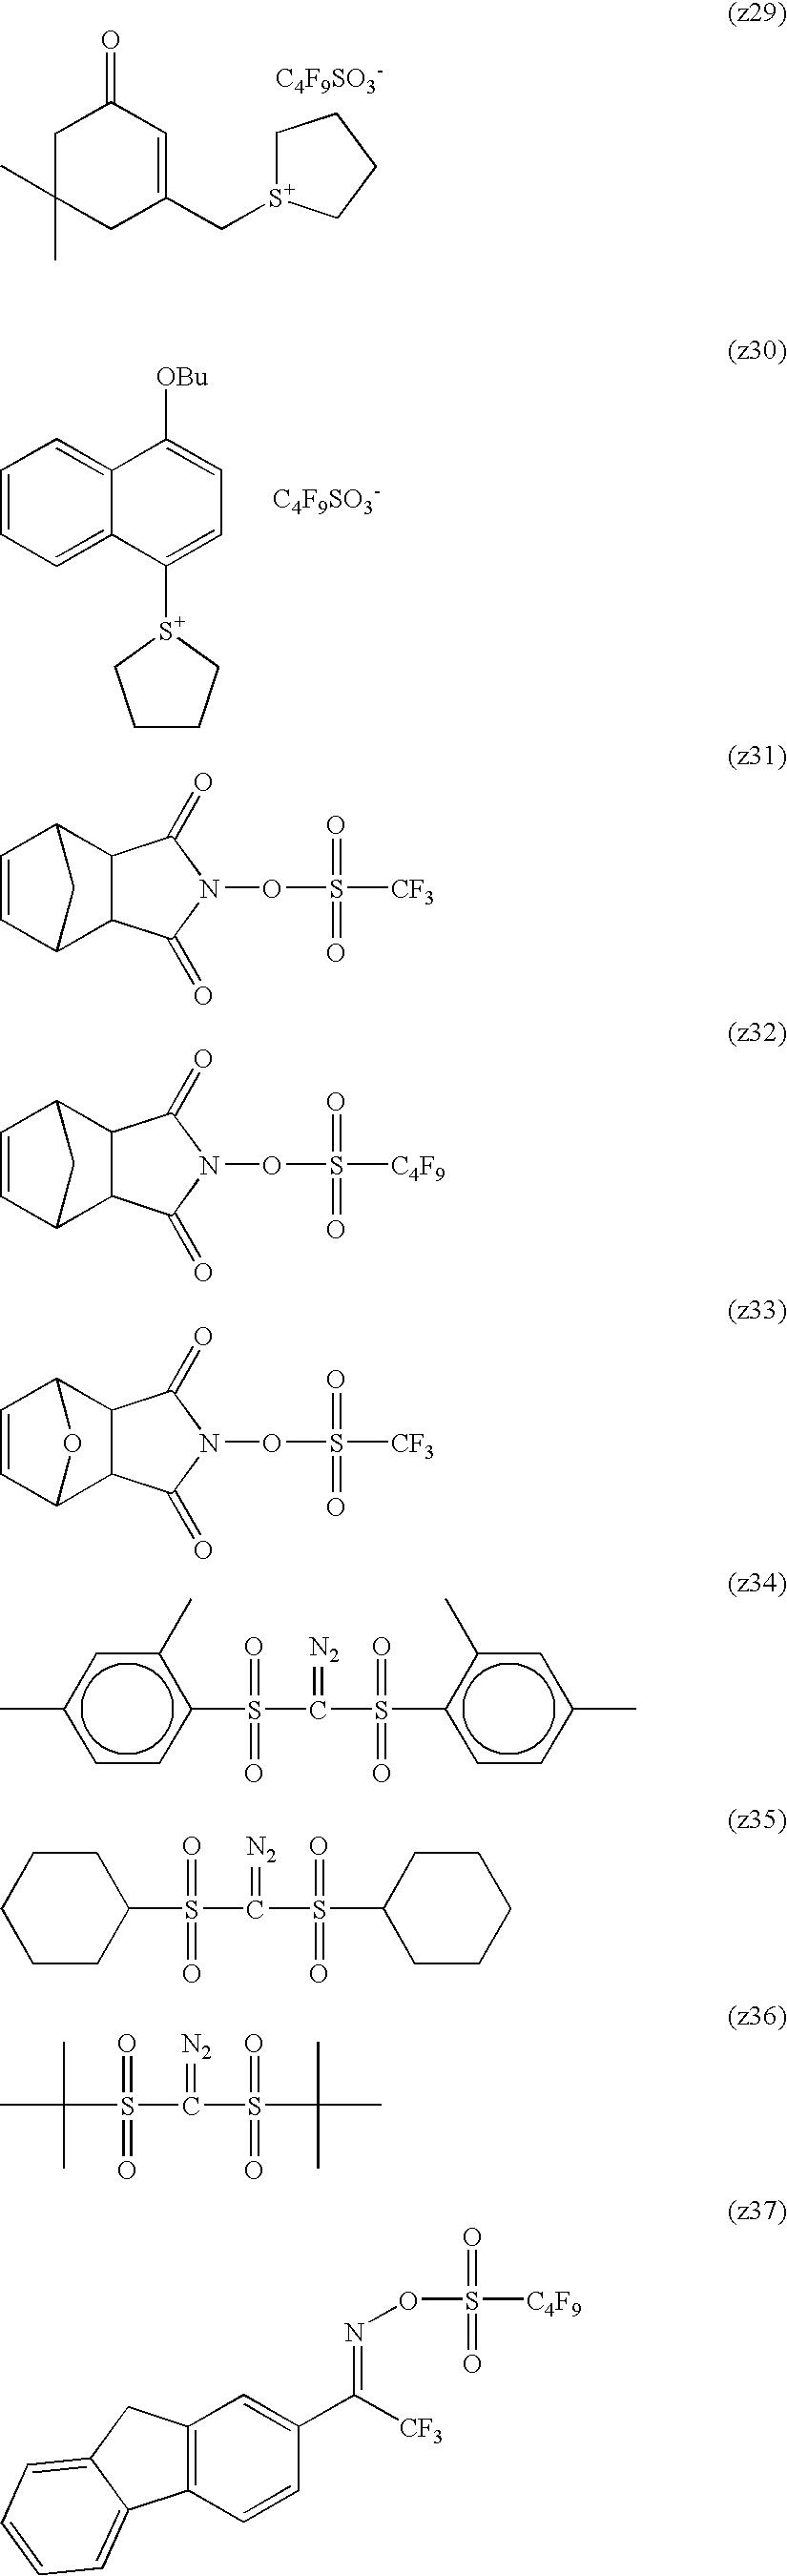 Figure US20100183975A1-20100722-C00224